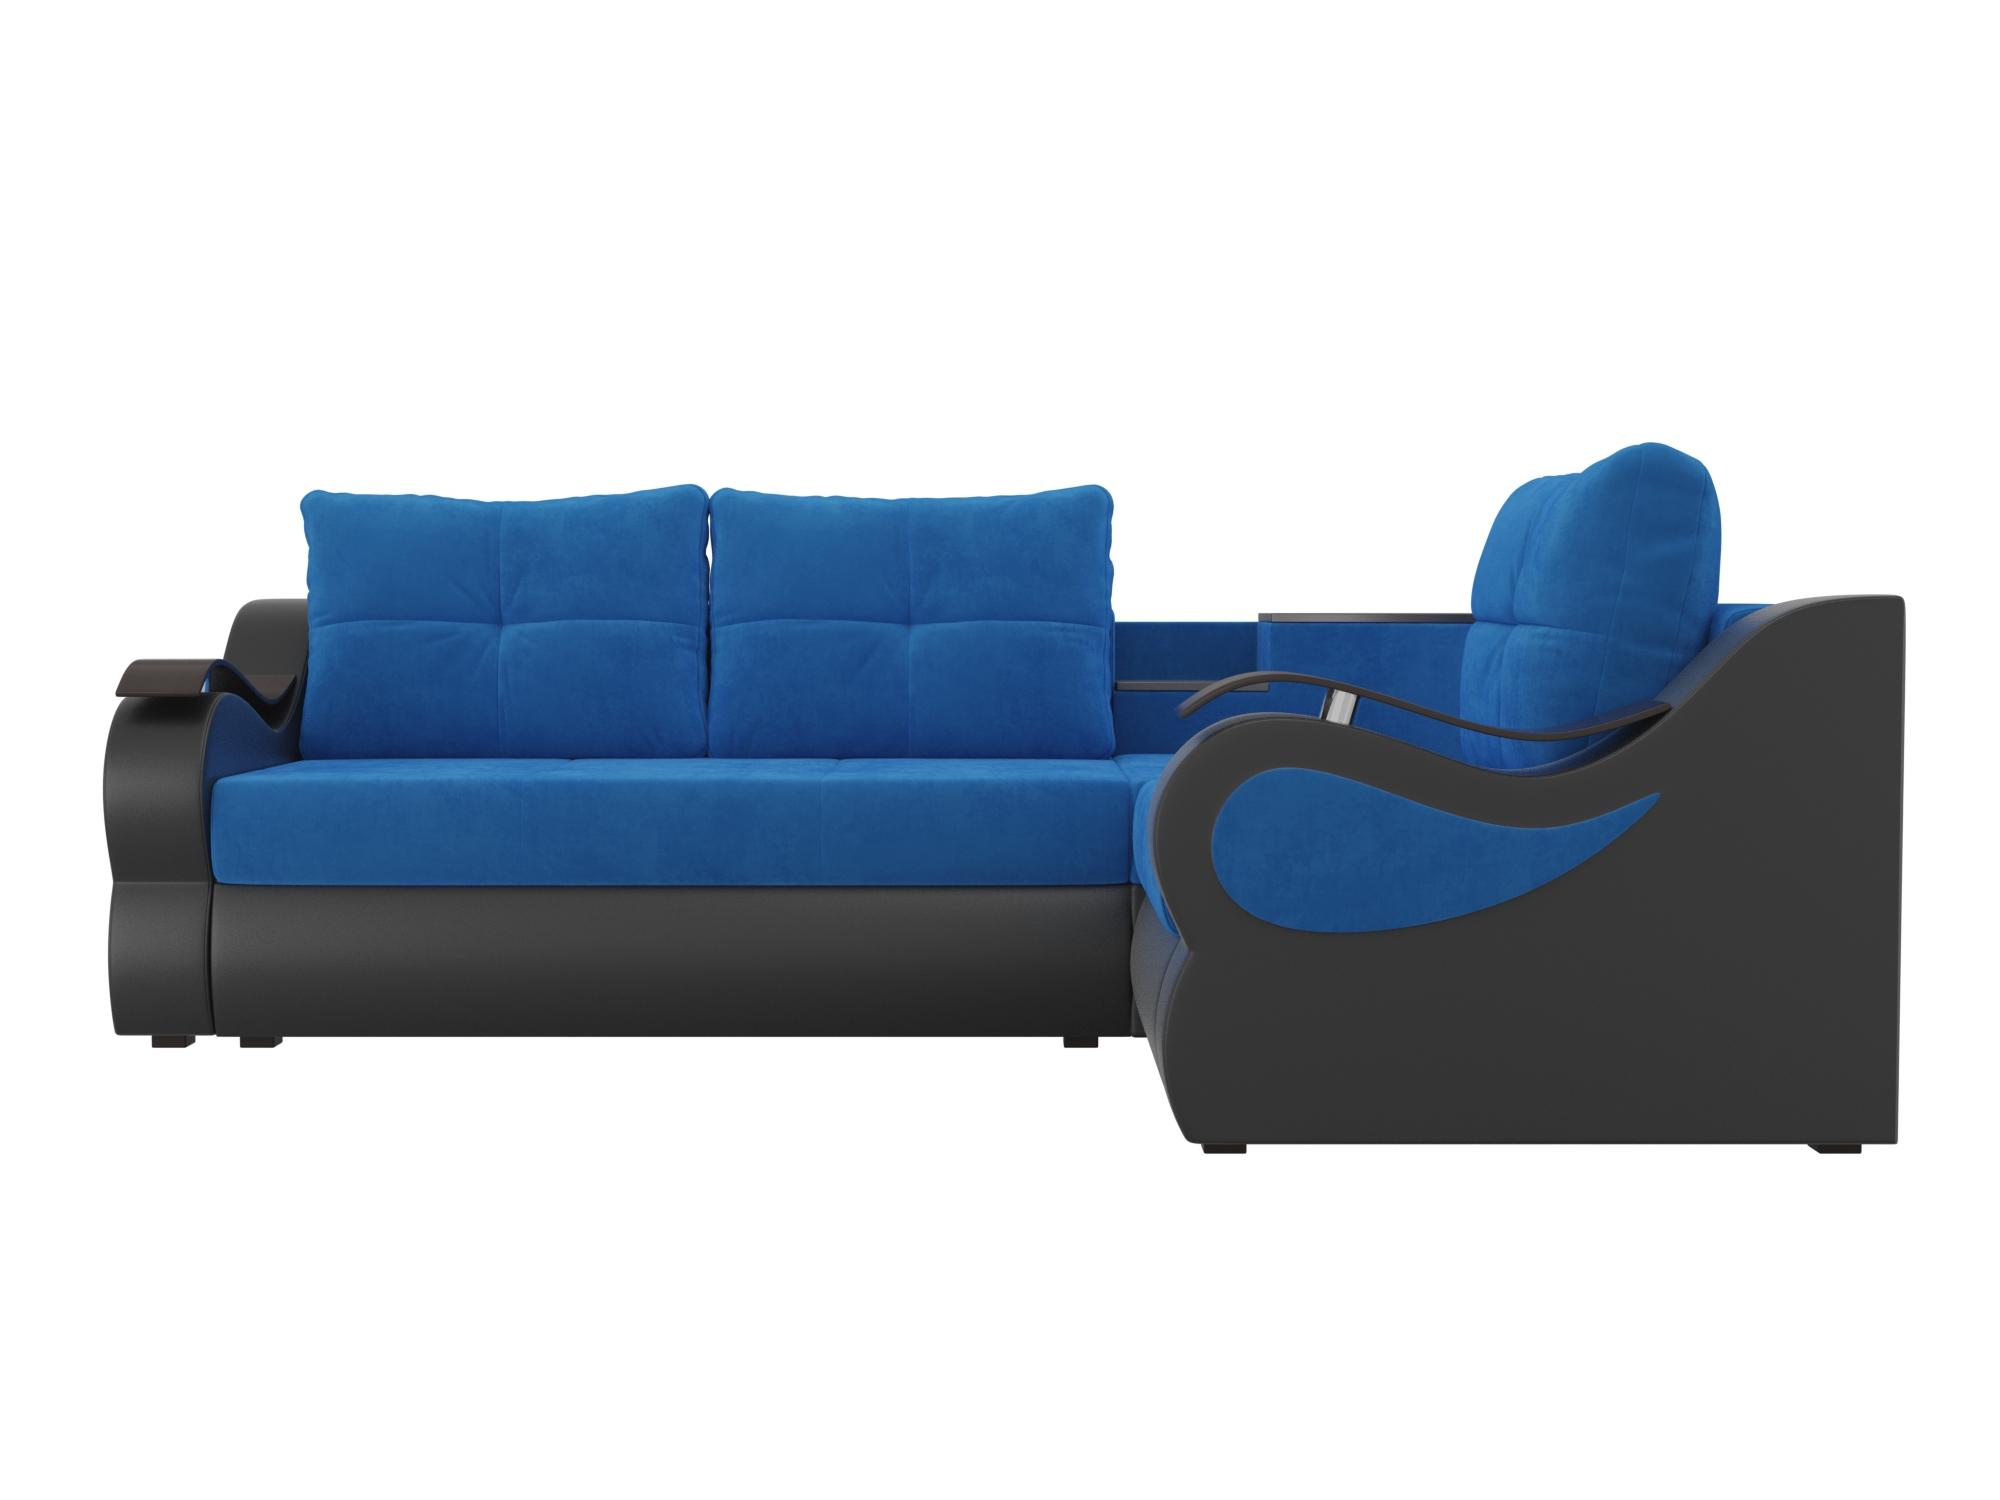 Угловой диван Митчелл Правый MebelVia Голубой, Черный, Велюр, ЛДСП Голубой, Черный